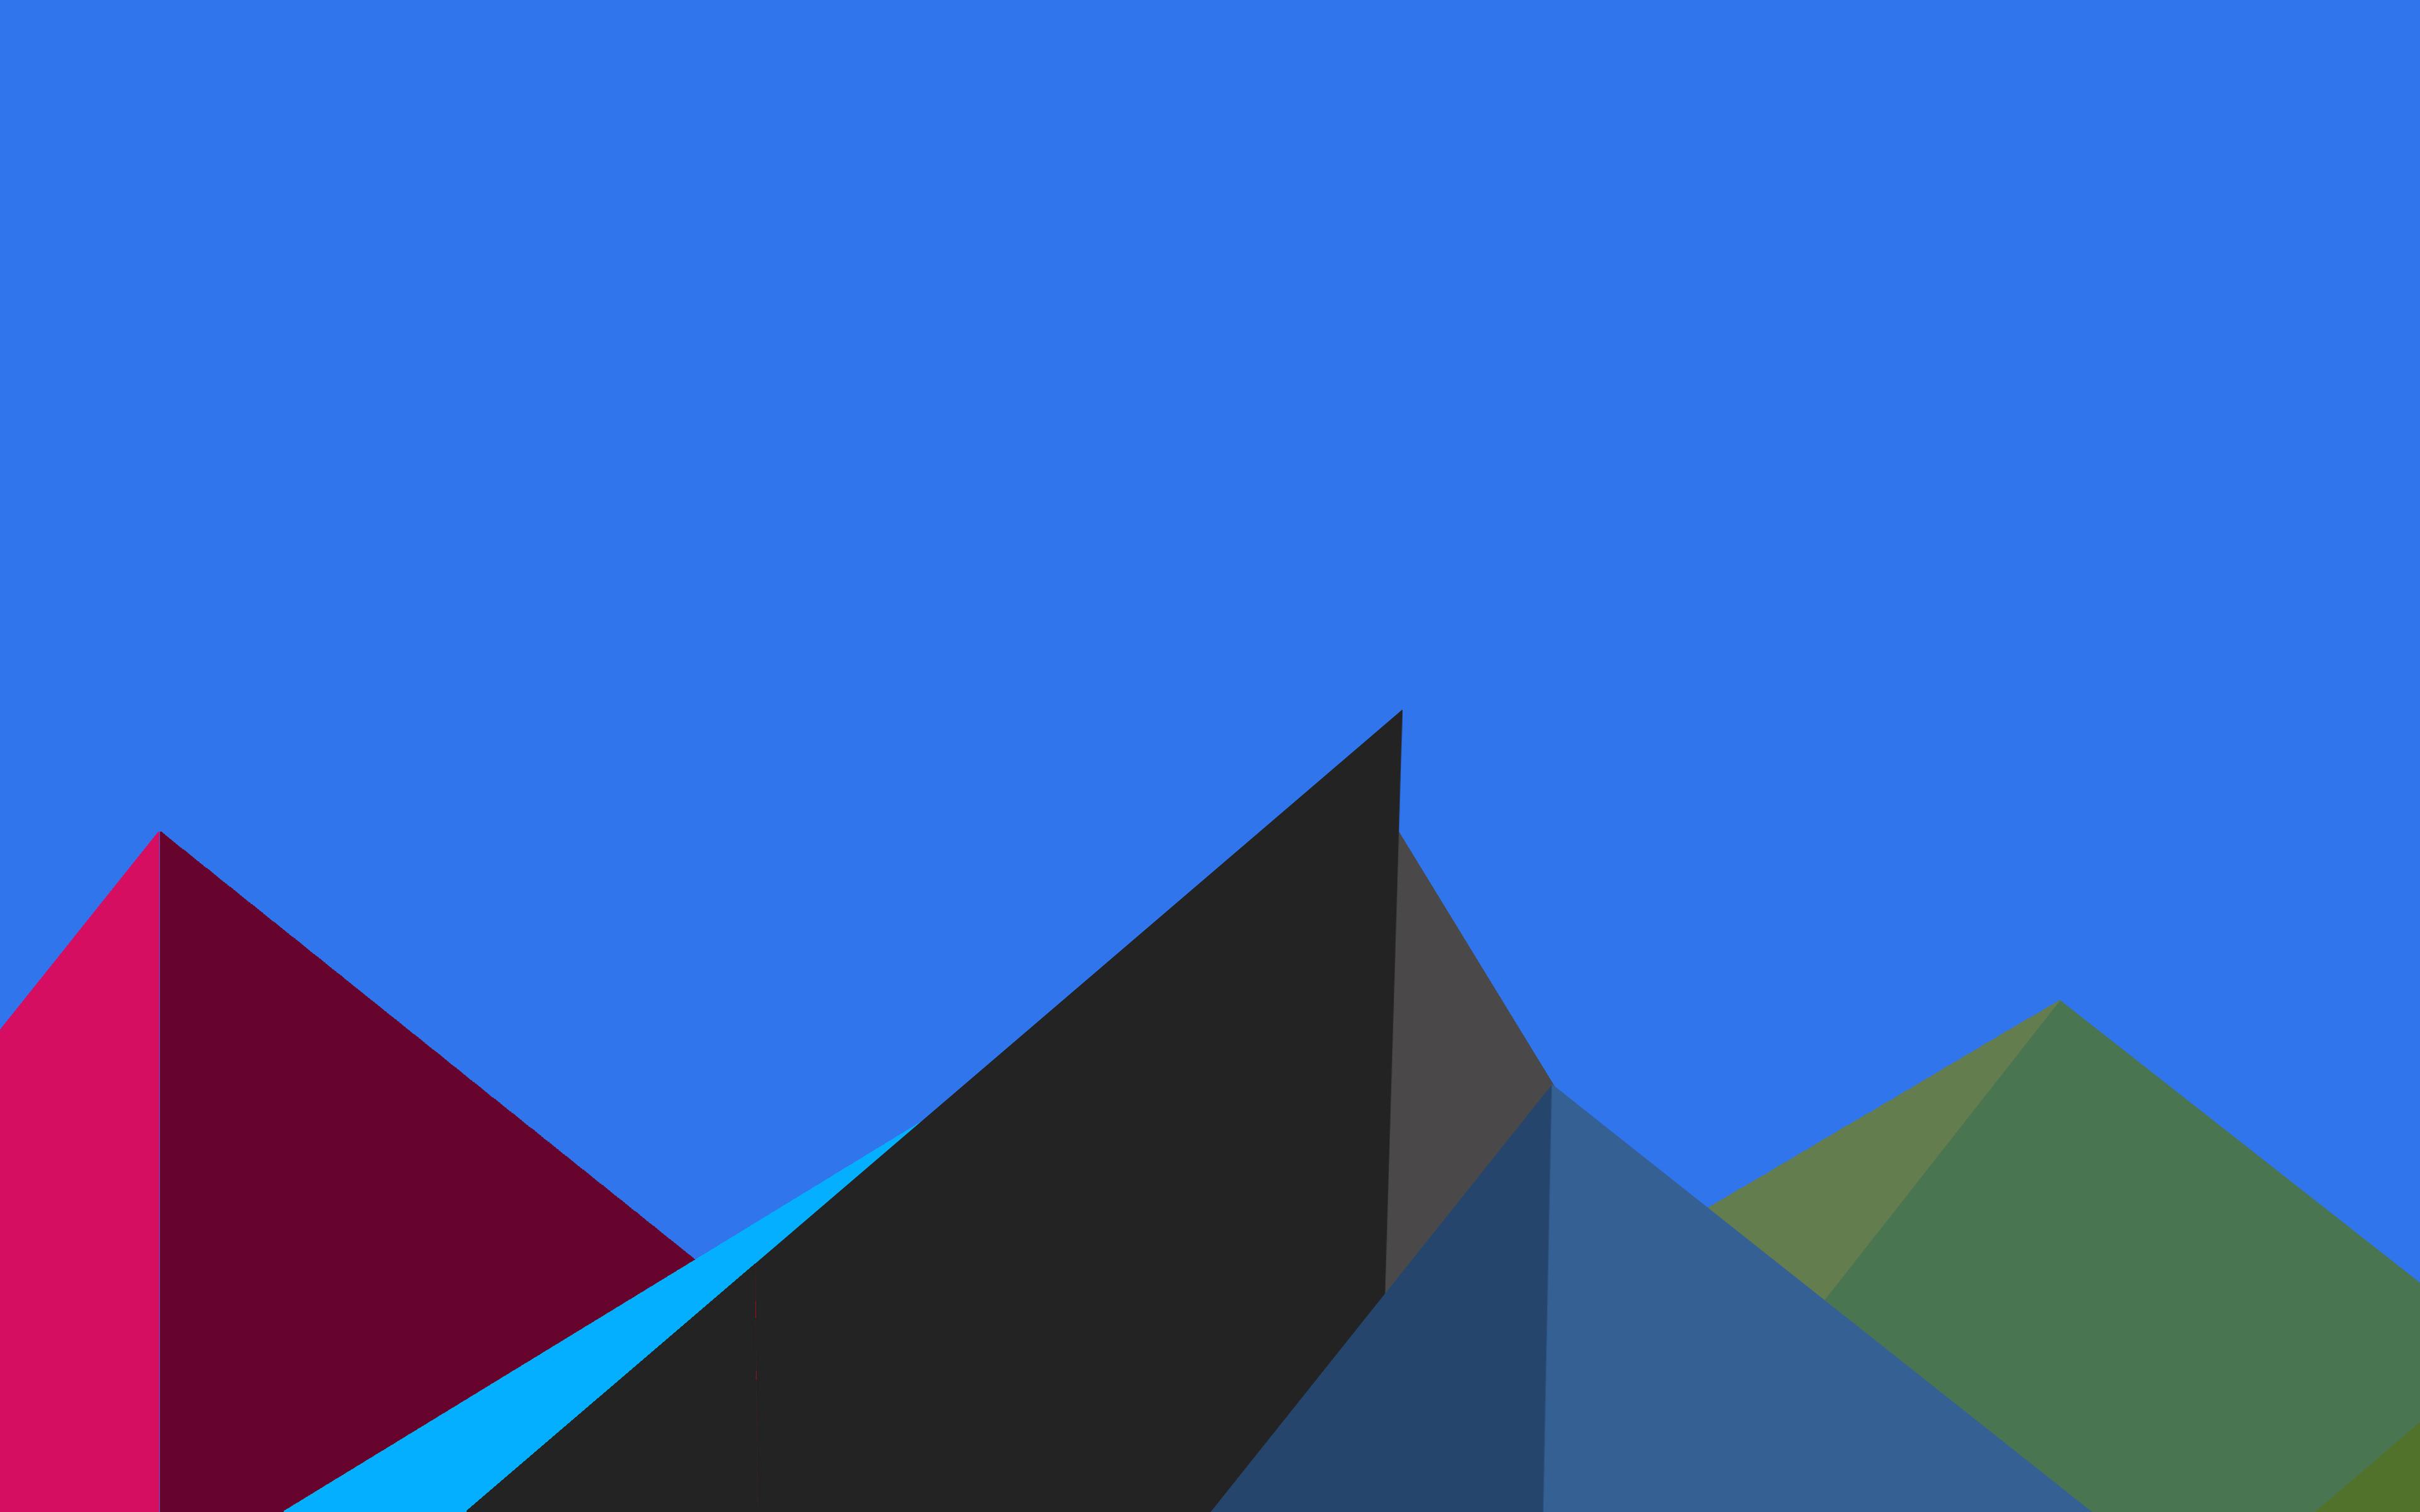 k2-abstract-5k-ni.jpg